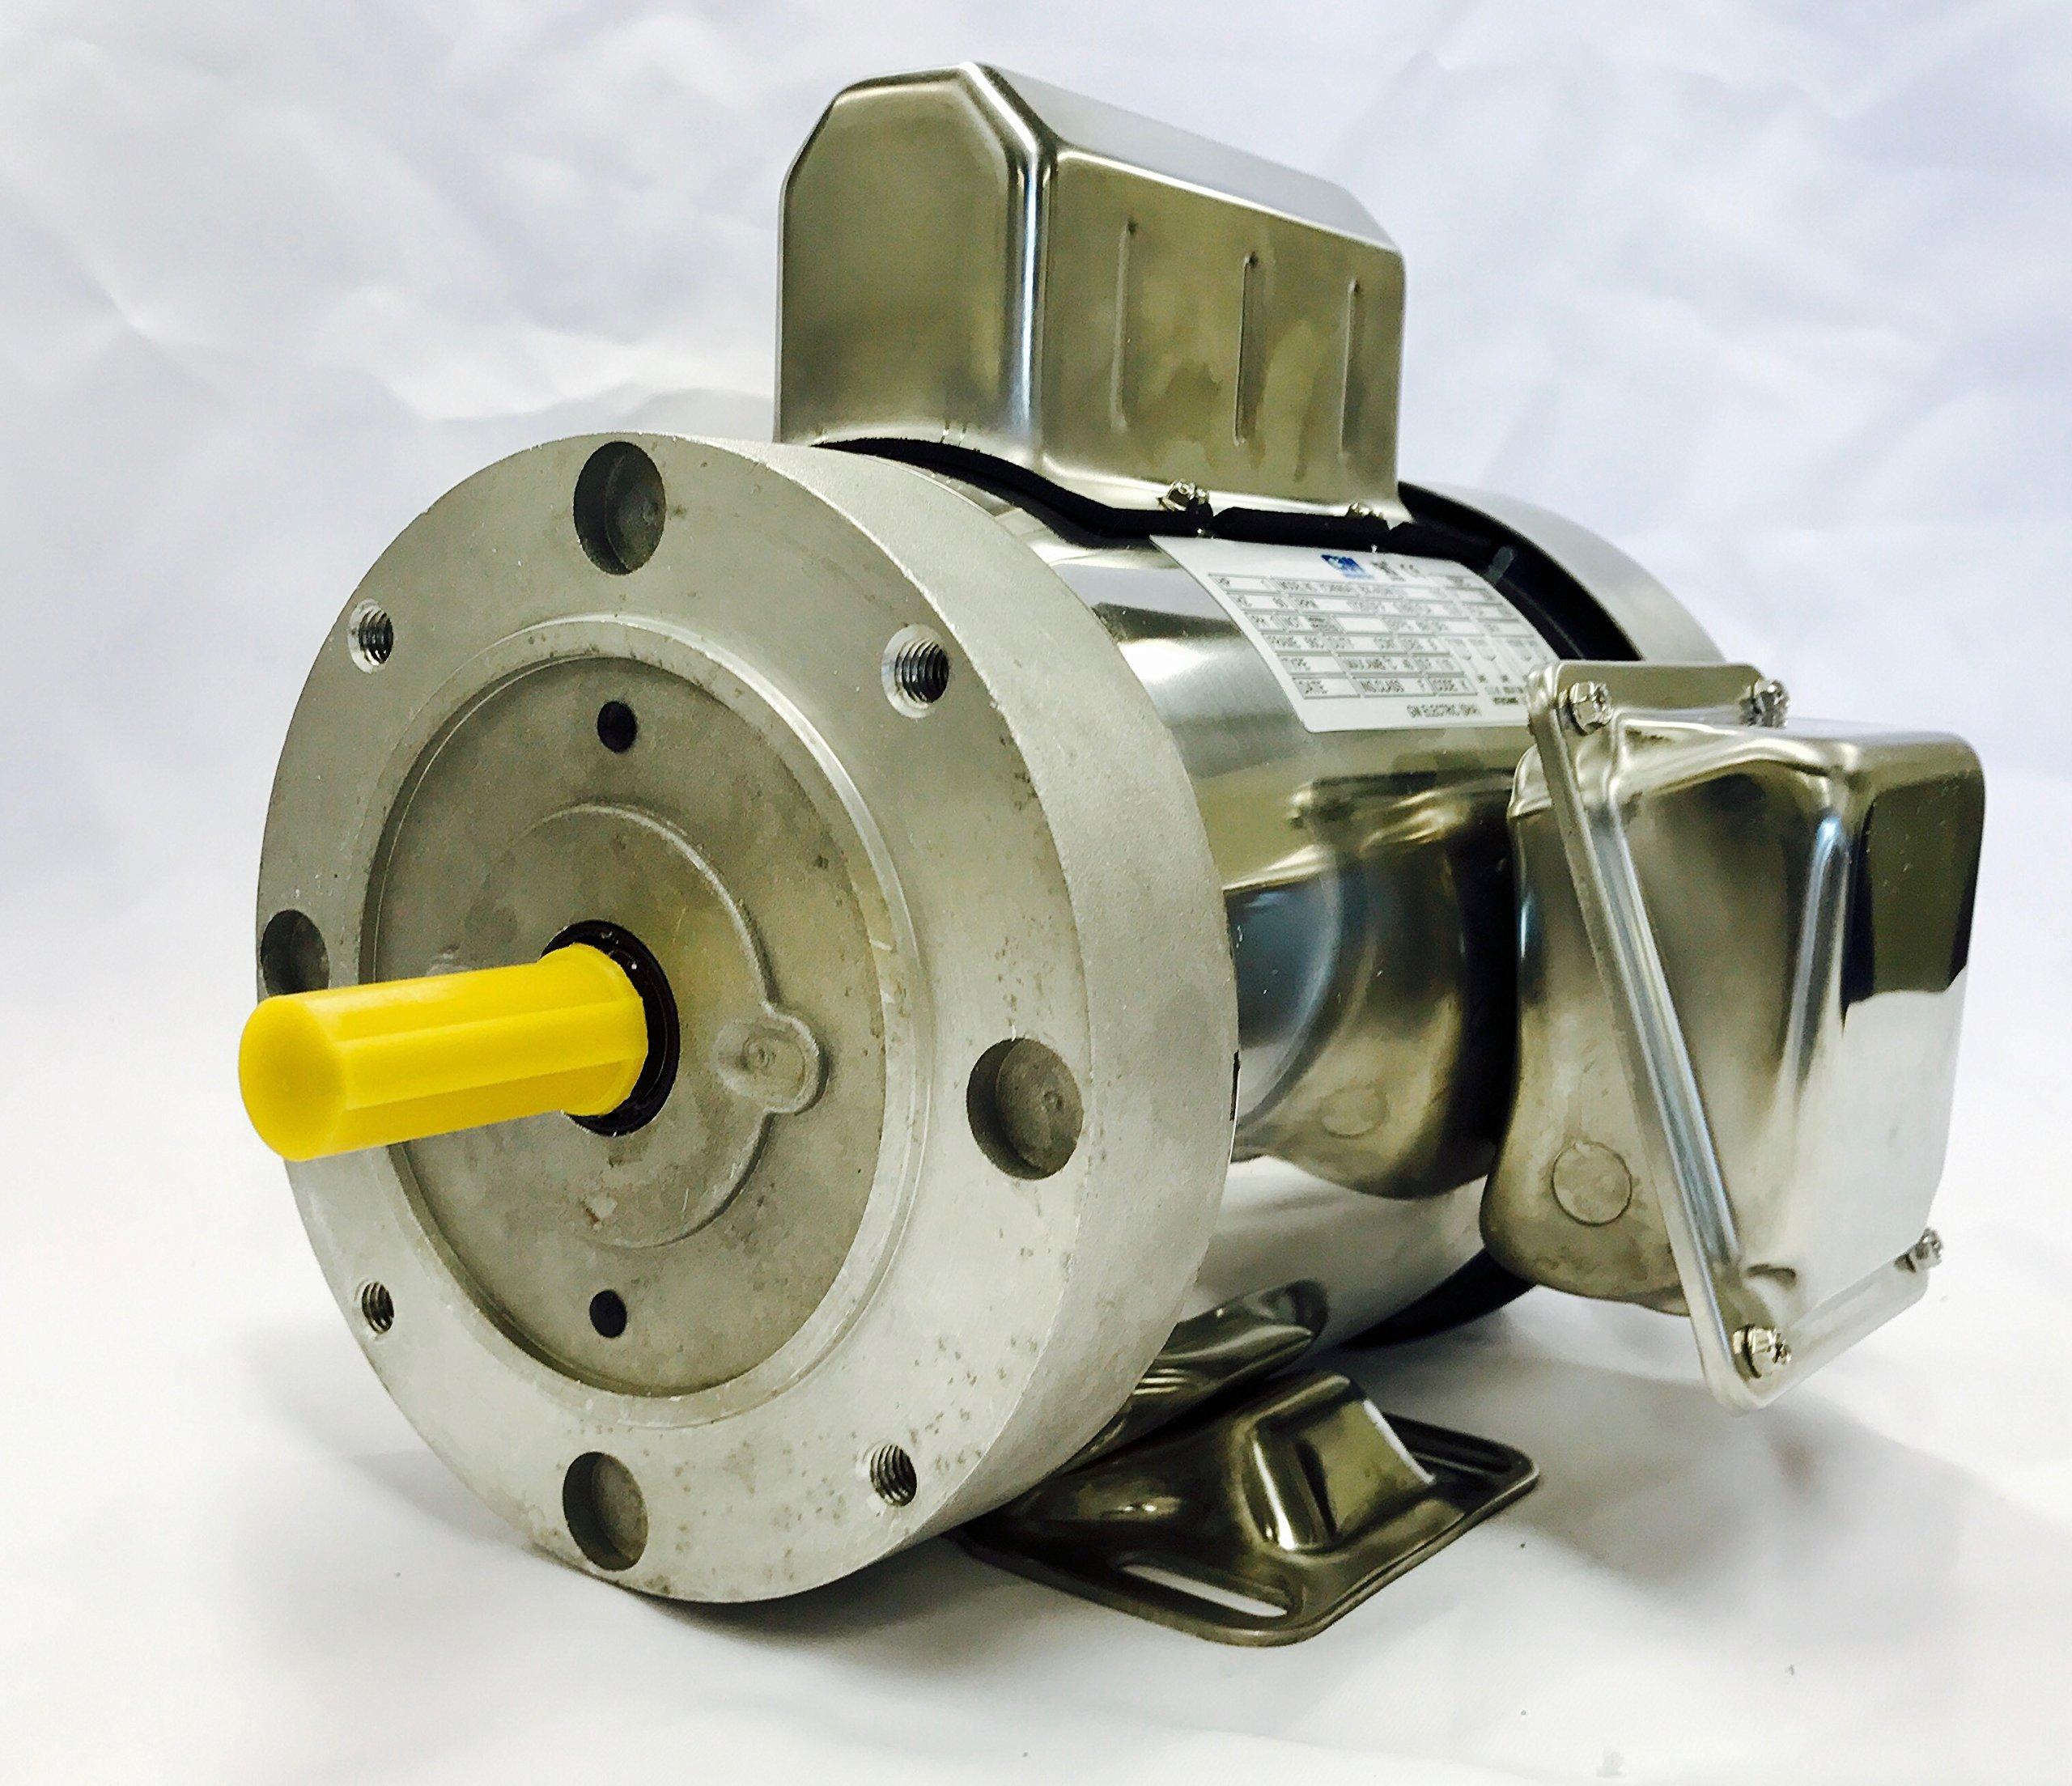 GW YCN5654BX 1 HP Stainless Steel Boat Lift Motor, 1725RPM, 1.15 Service Factor, 56C Frame, TEFC, 115/230V, SST Boat Hoist Motor